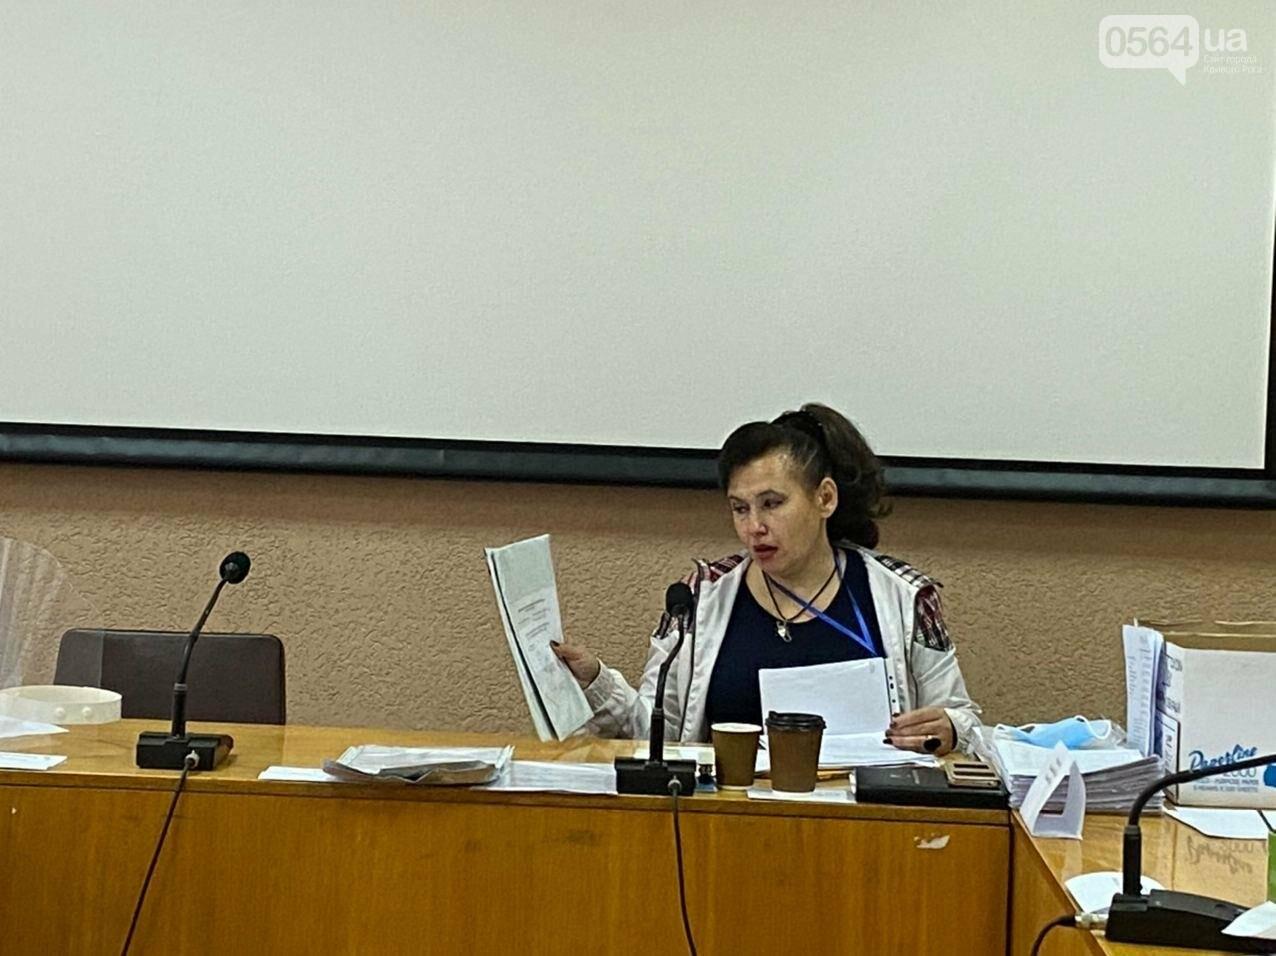 Криворожская ТИК приняла решение о повторном подсчете голосов на 5 избирательных участках, - ФОТО, ВИДЕО , фото-2